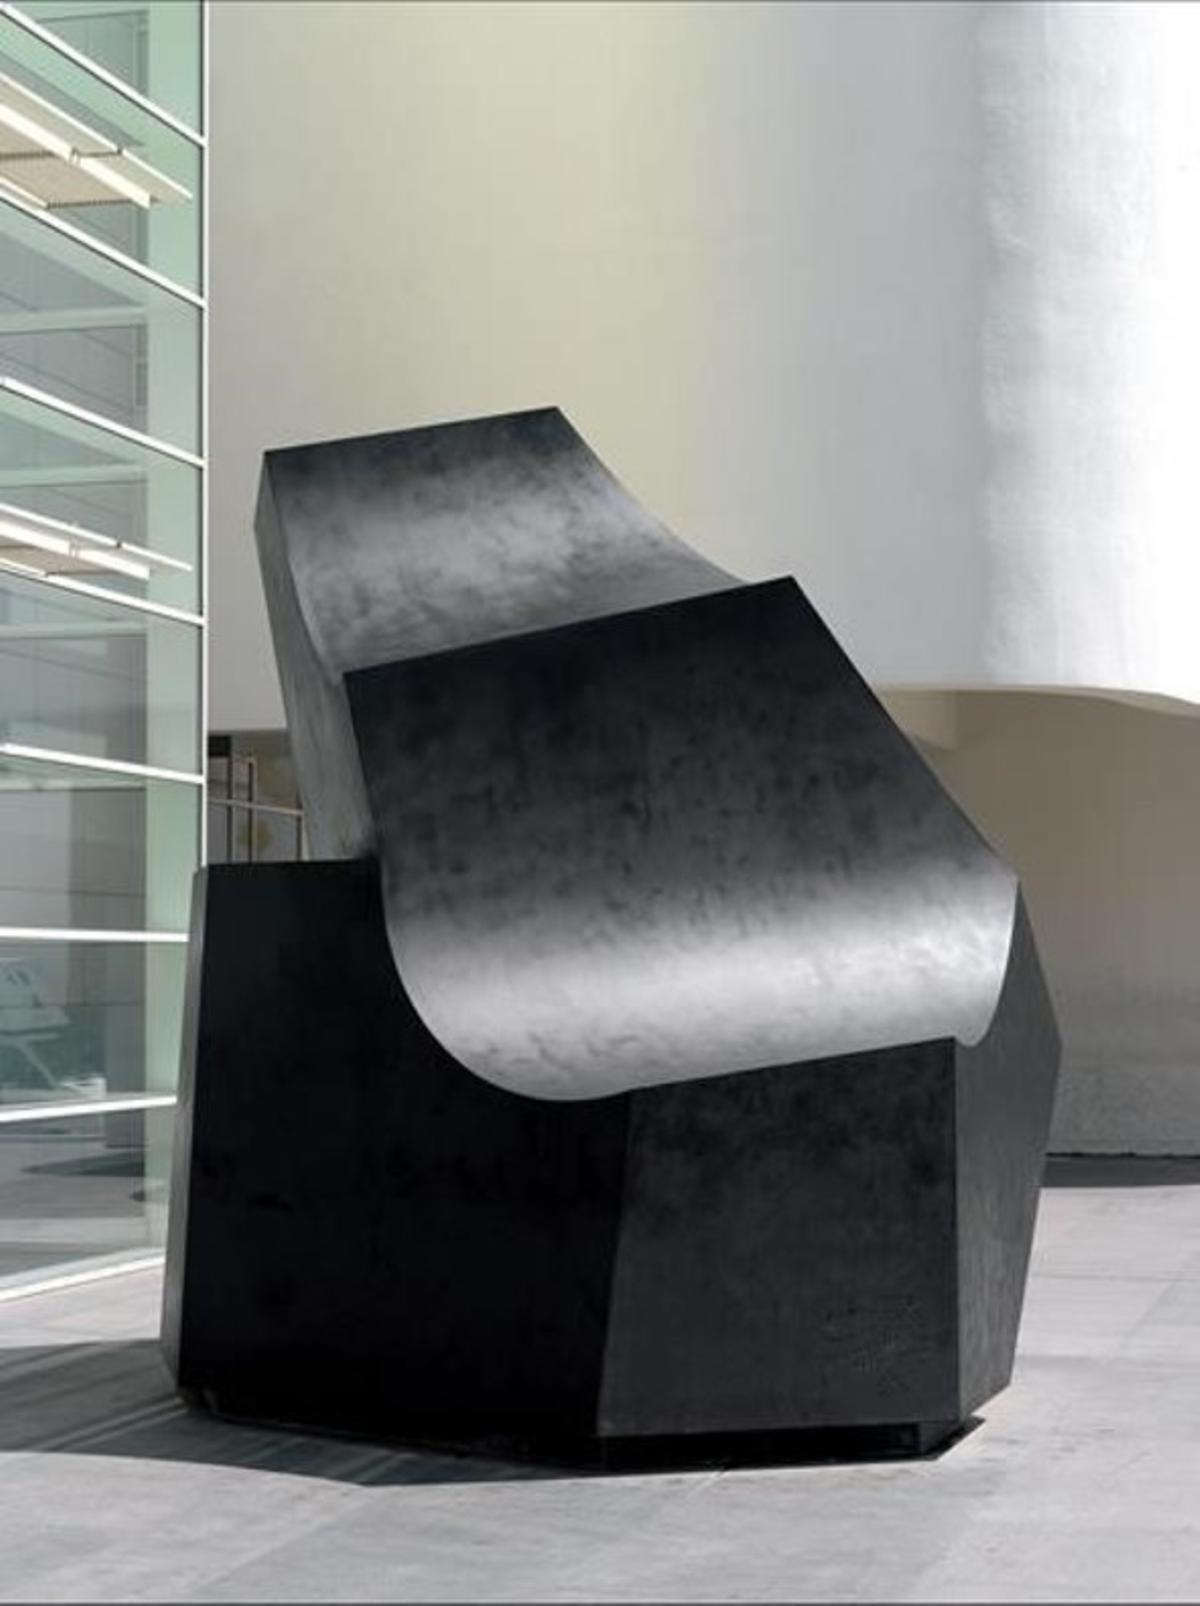 'La ola' (1998), de Jorge Oteiza, perteneciente a la colección del Macba.